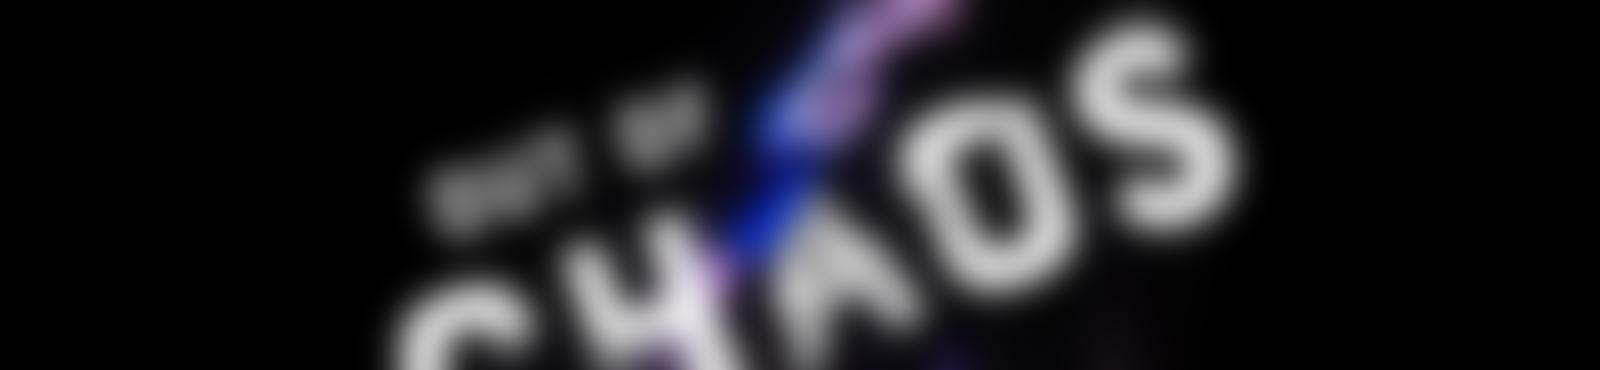 Blurred 3468a726 2bf6 4c06 a3af e26a264d4a9c